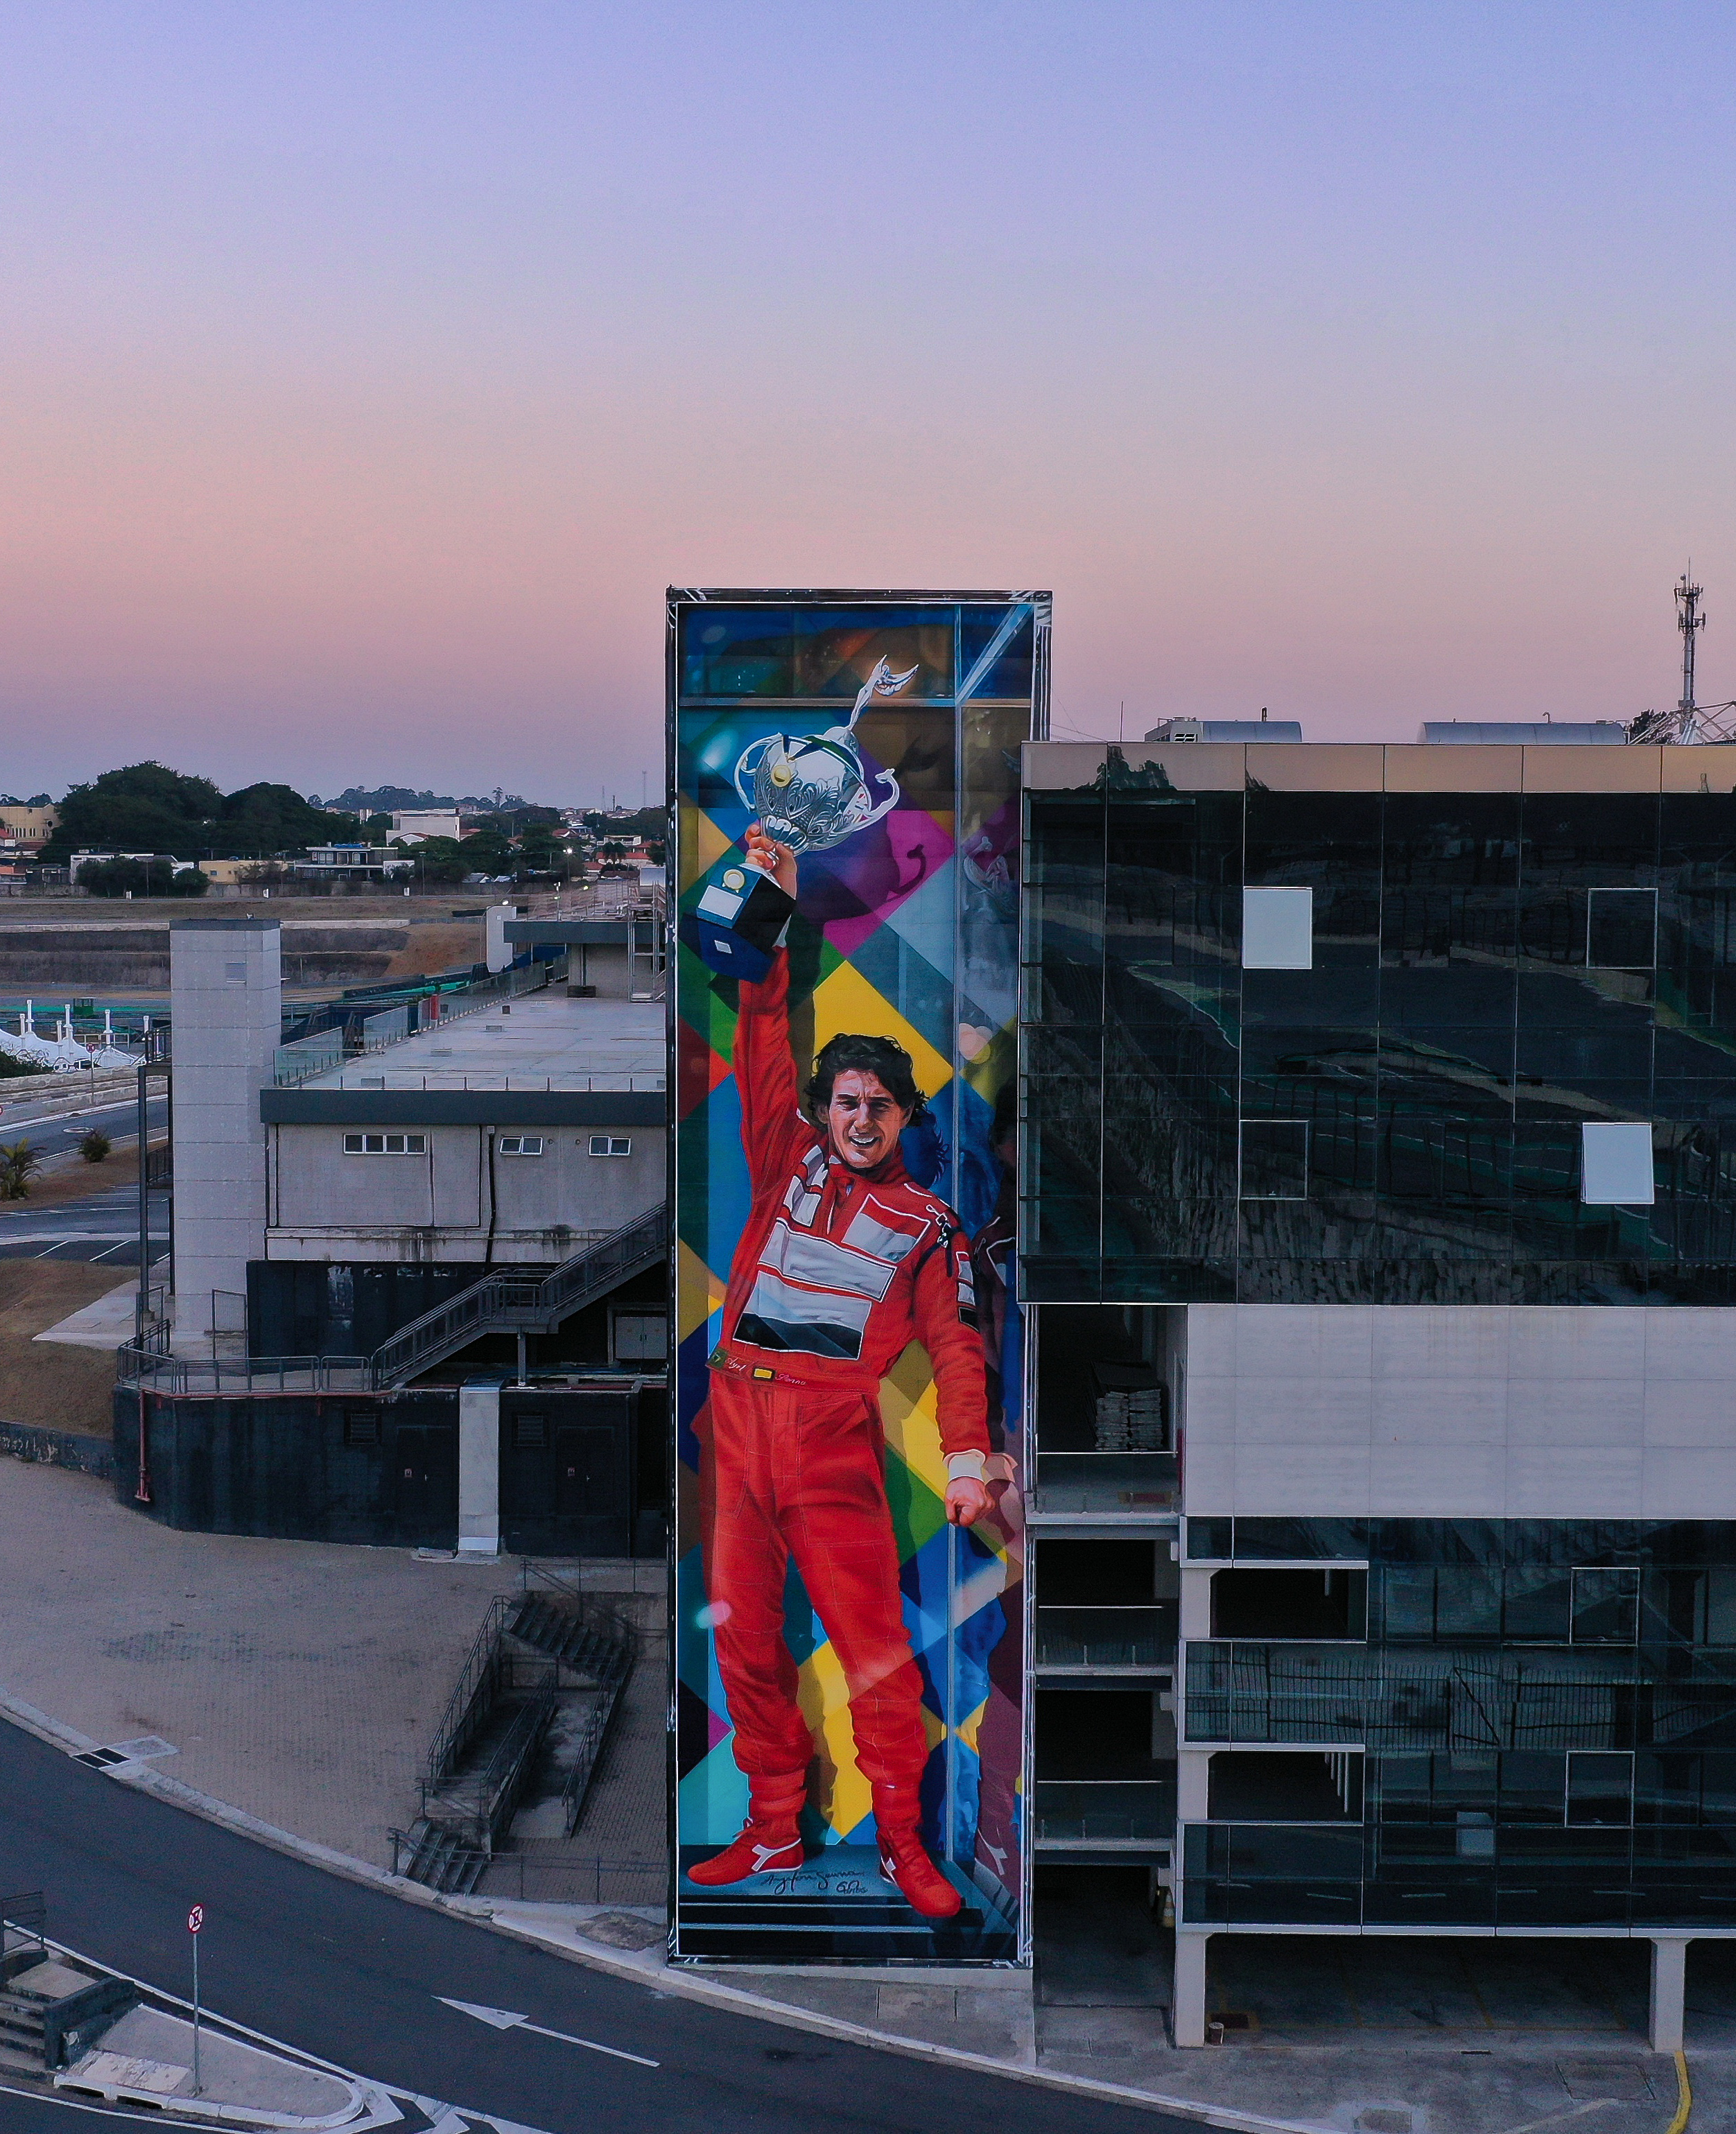 Em Interlagos, mural registra momento icônico de Ayrton Senna.